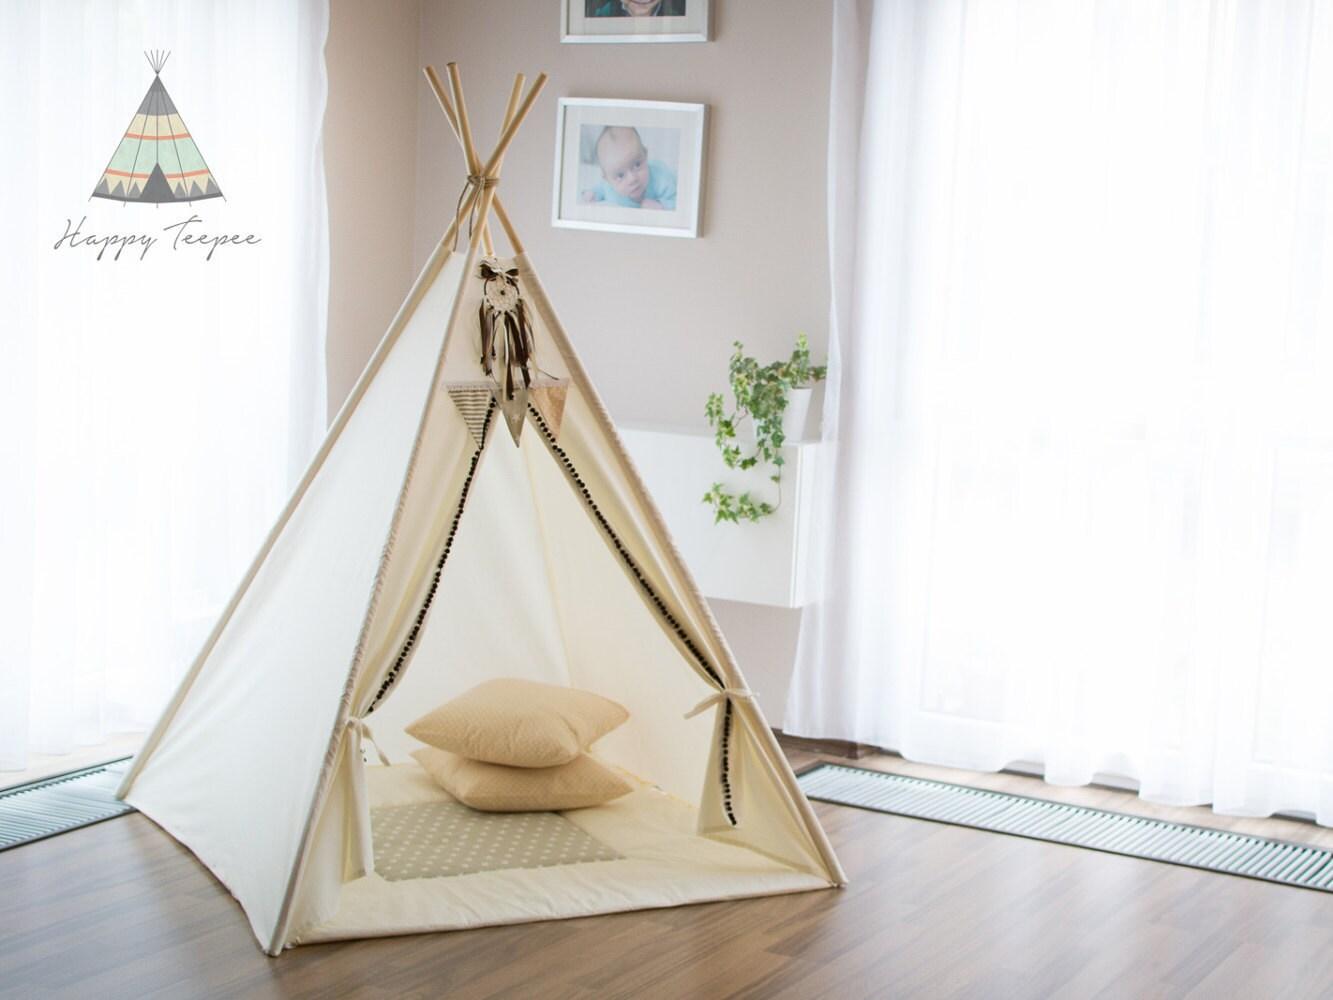 tipi indien fait la main enfants jouent tente tipi tipi etsy. Black Bedroom Furniture Sets. Home Design Ideas